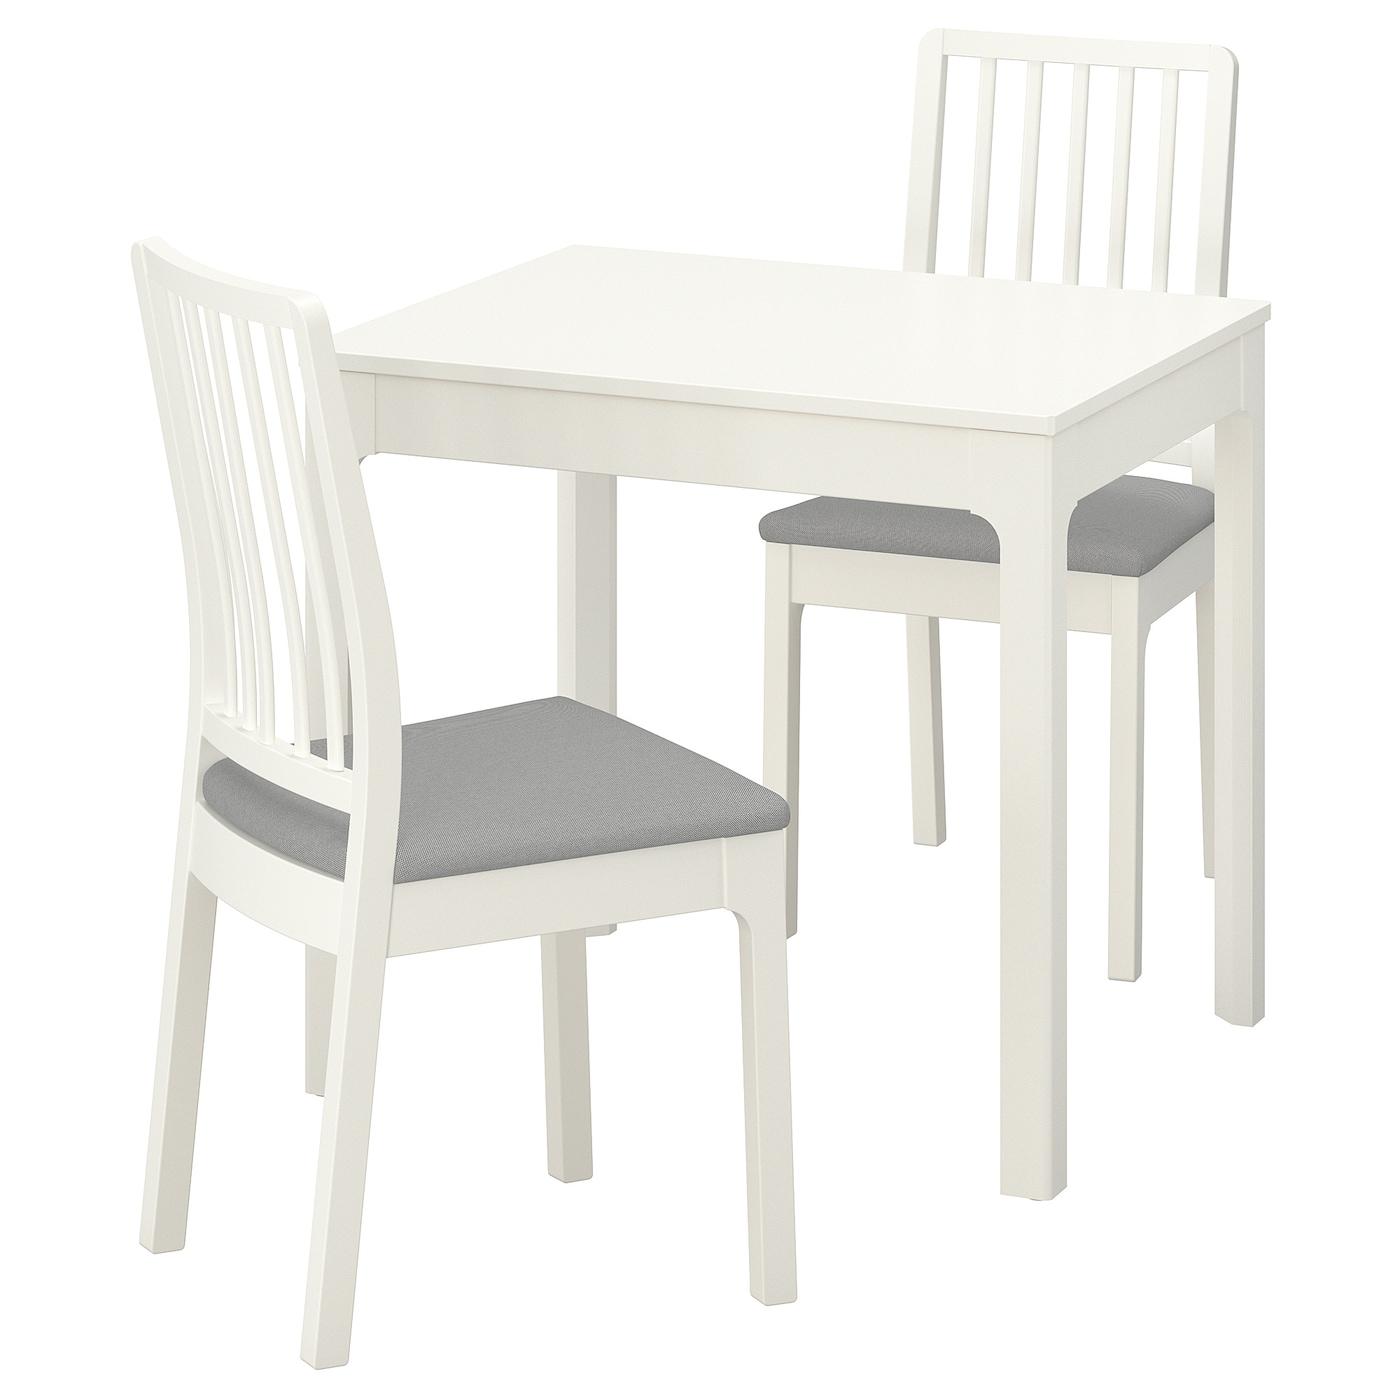 Conjuntos de comedor para 2 personas mesas y sillas - Silla ekedalen ikea ...